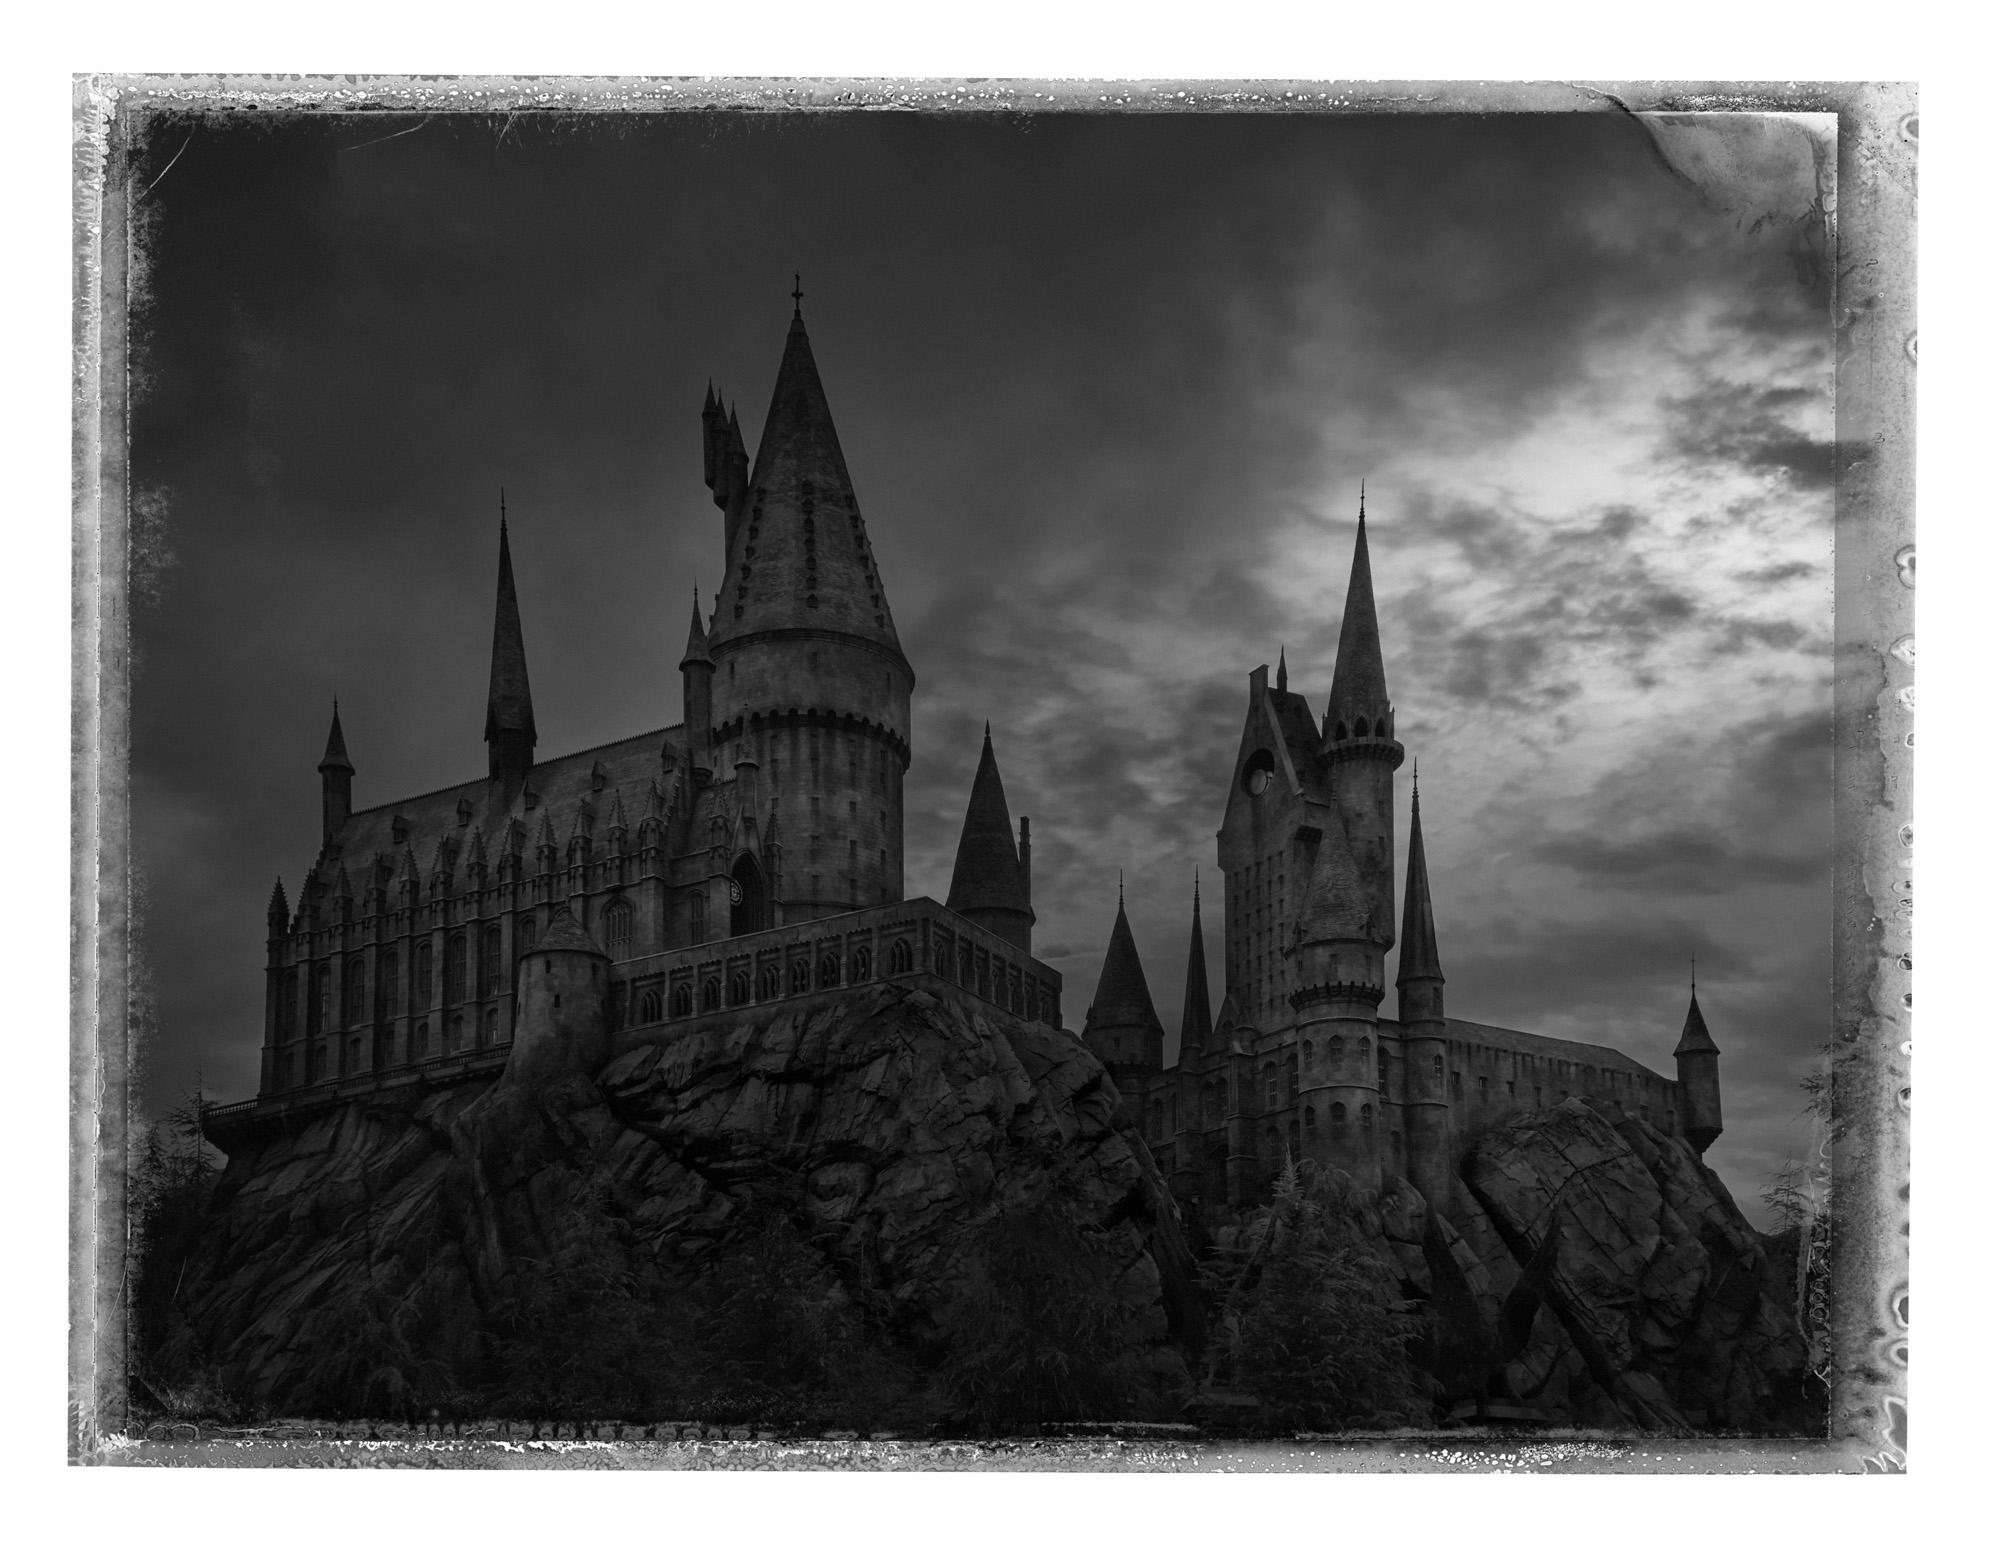 22_Hogwarts.jpg